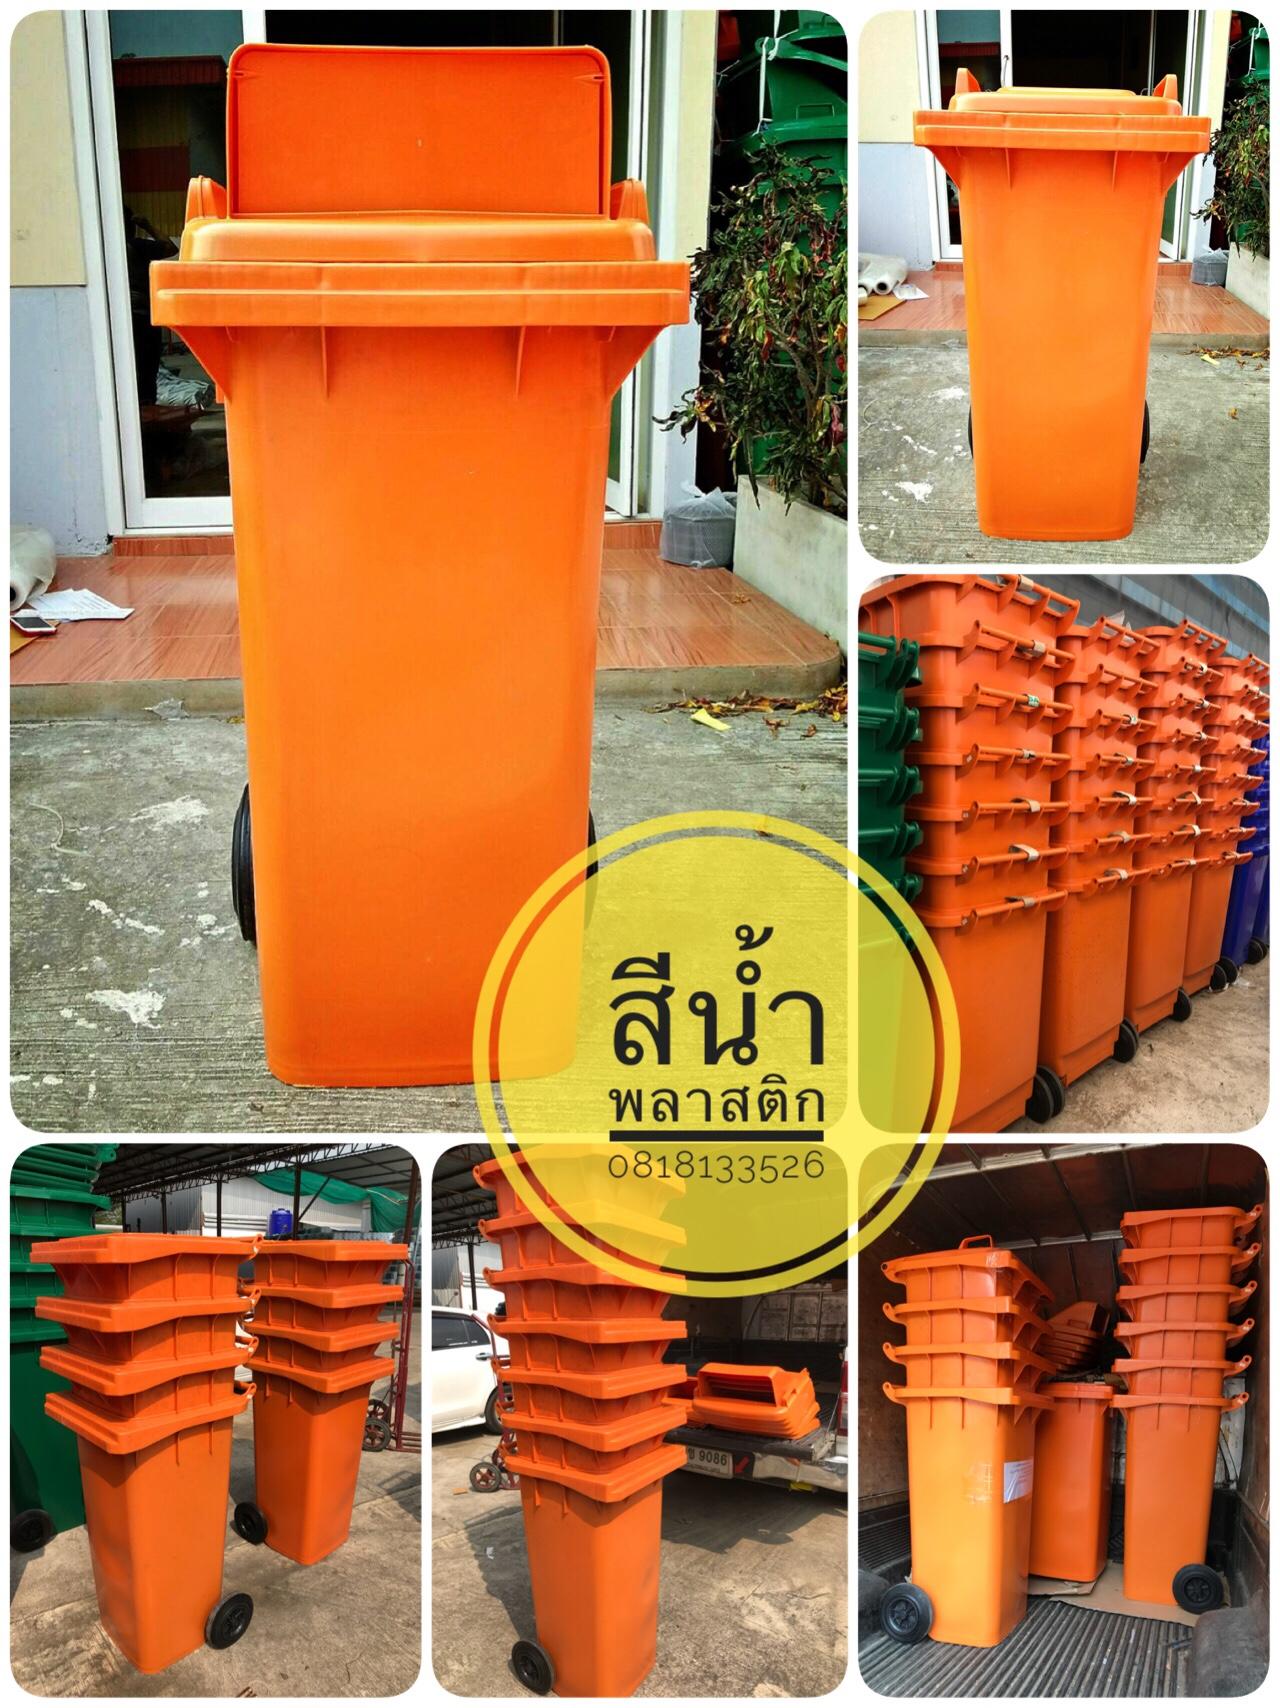 ถังขยะพลาสติก ถังขยะด240ลิตร ถังขยะ120ลิตร ถังขยะเทศบาล ถังขยะหมู่บ้าน